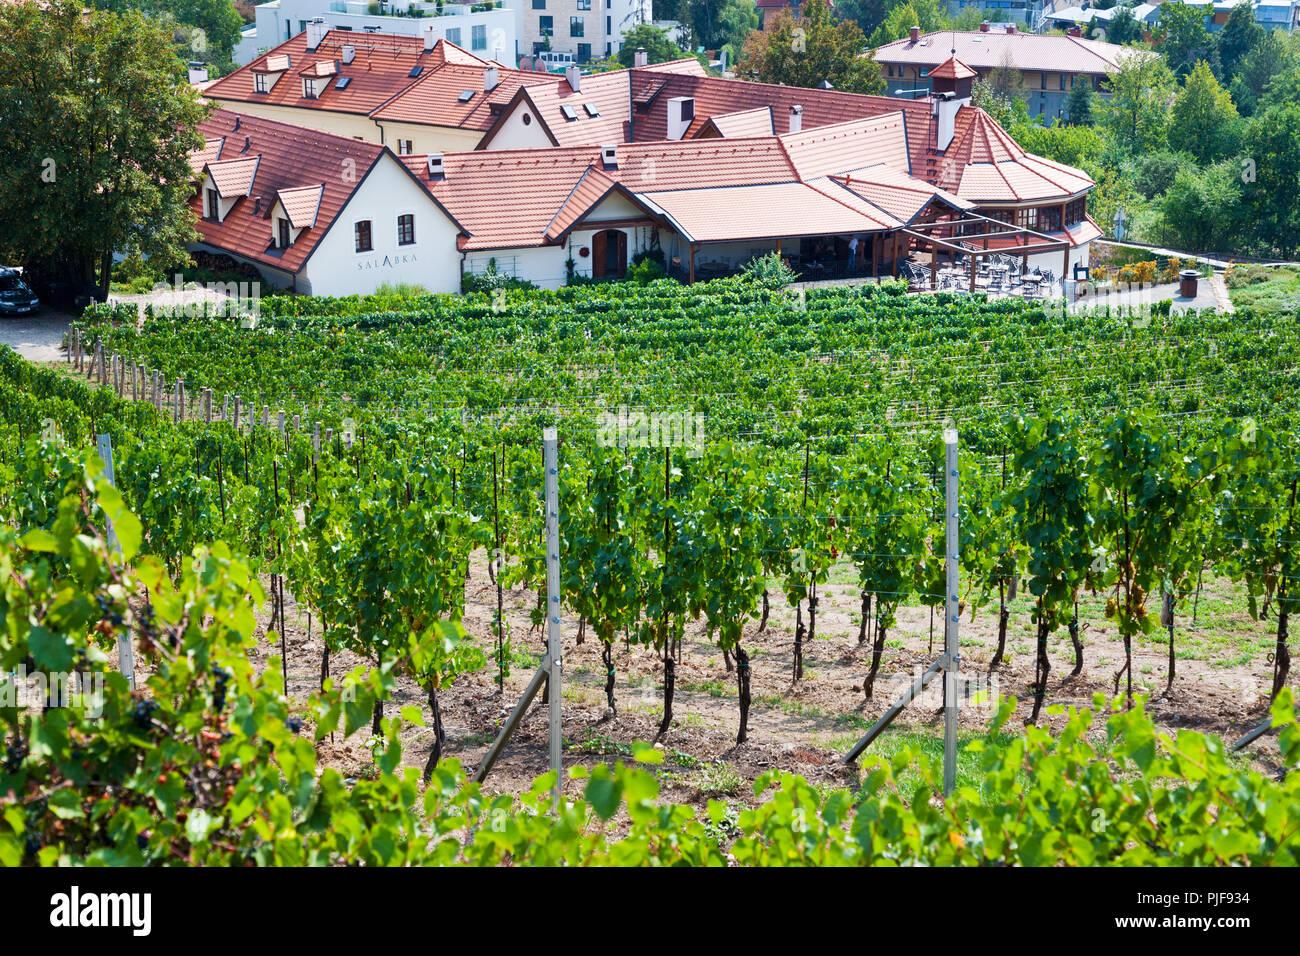 Bildresultat för salabka vineyard